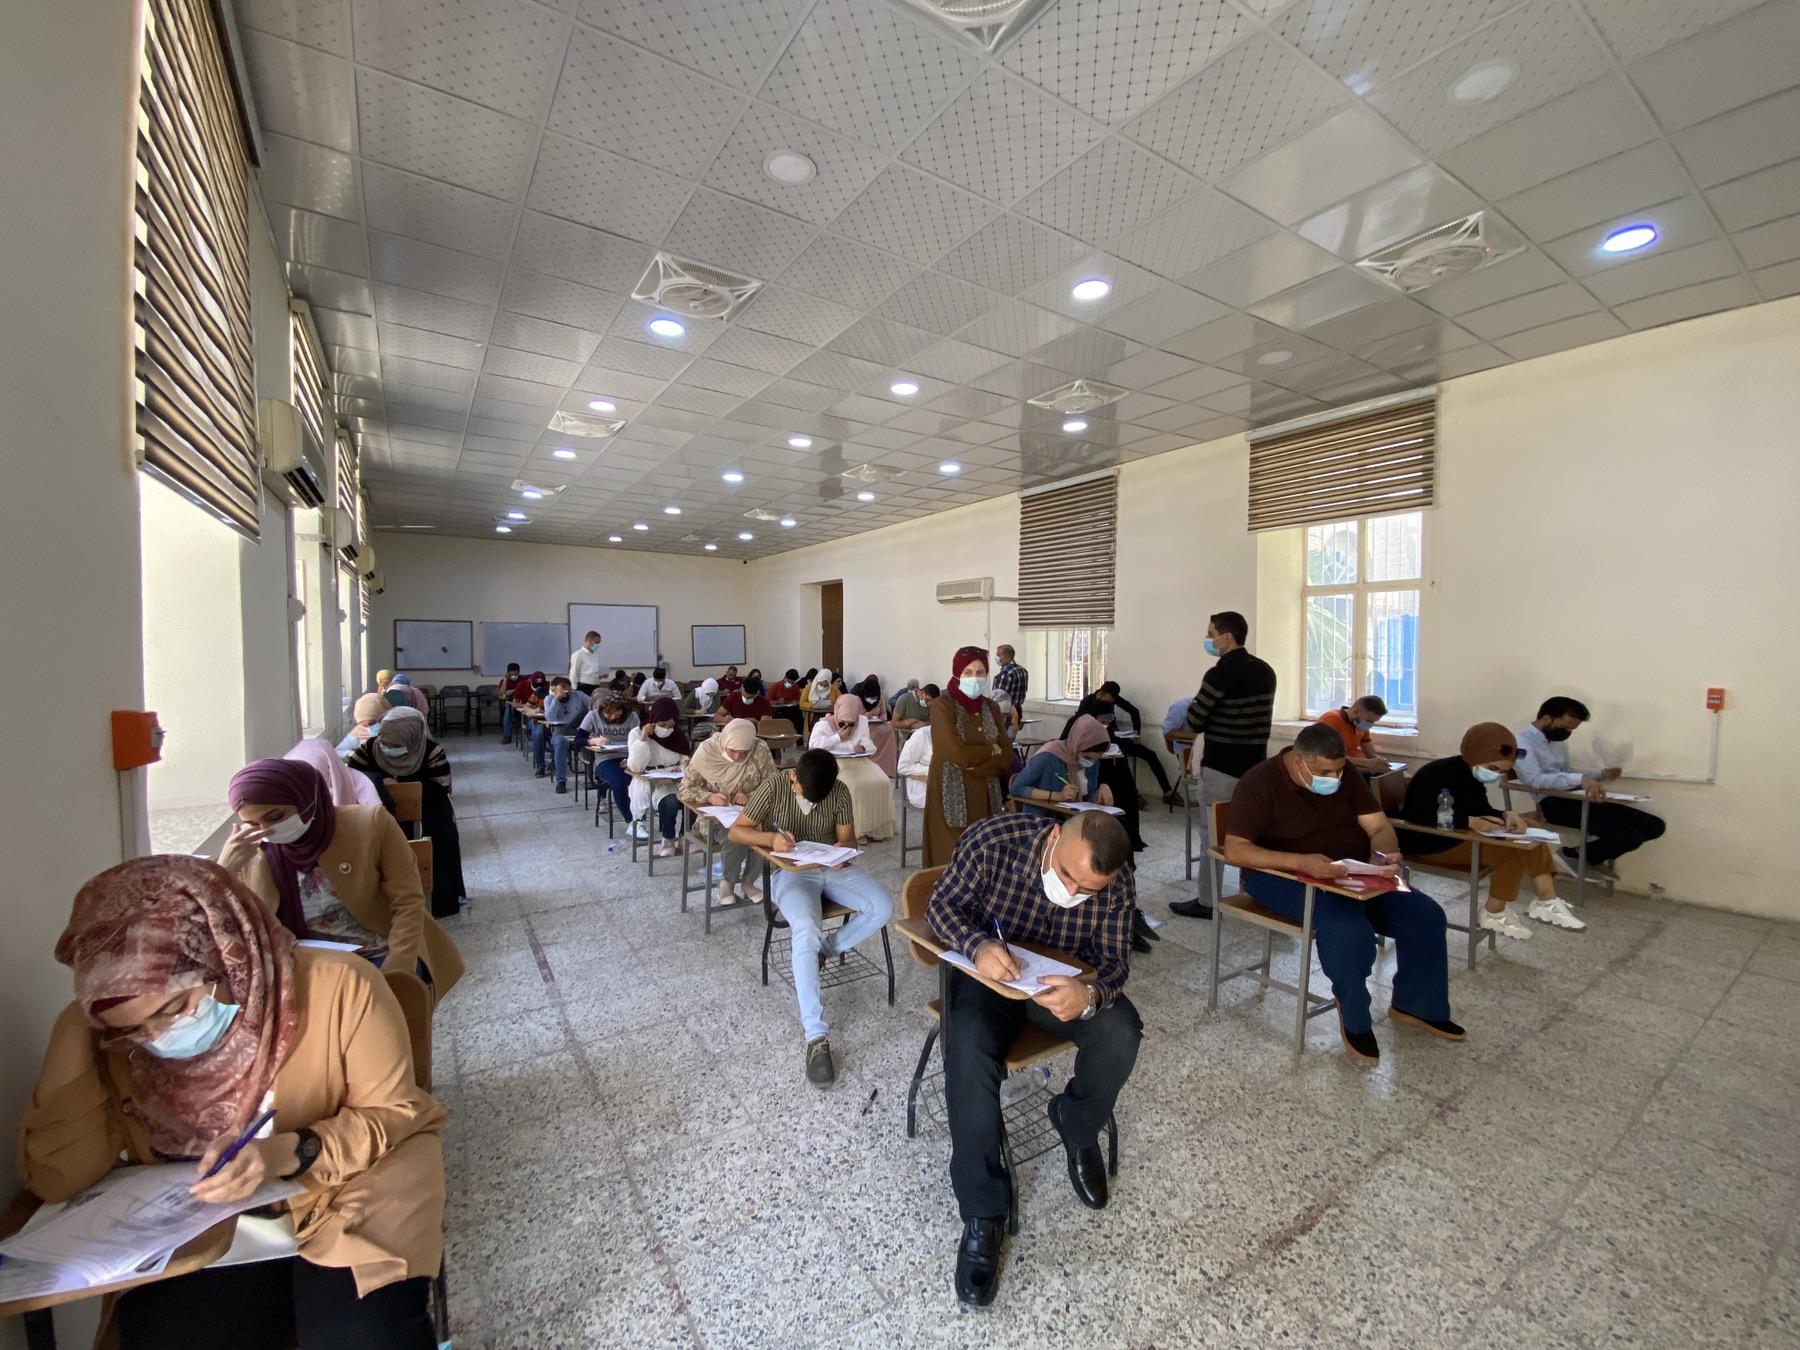 طلبة الدراسات العليا في كلية التمريض يقومون بأداء الإمتحان التنافسي للعام الدراسي 2021/2022